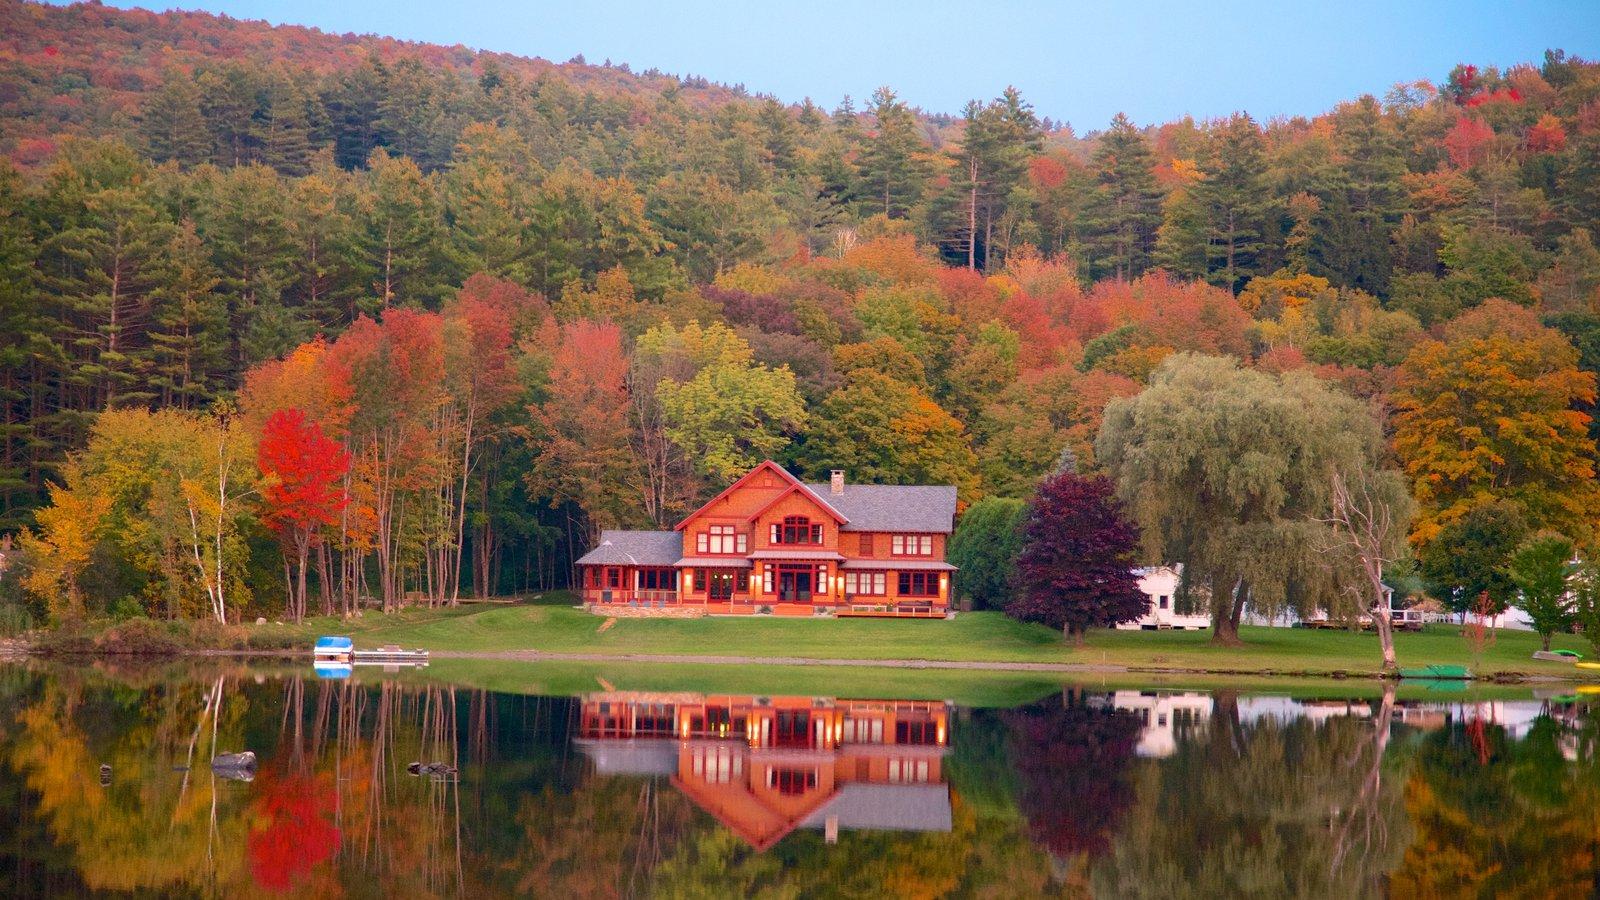 Vermont que incluye bosques, una casa y un lago o abrevadero